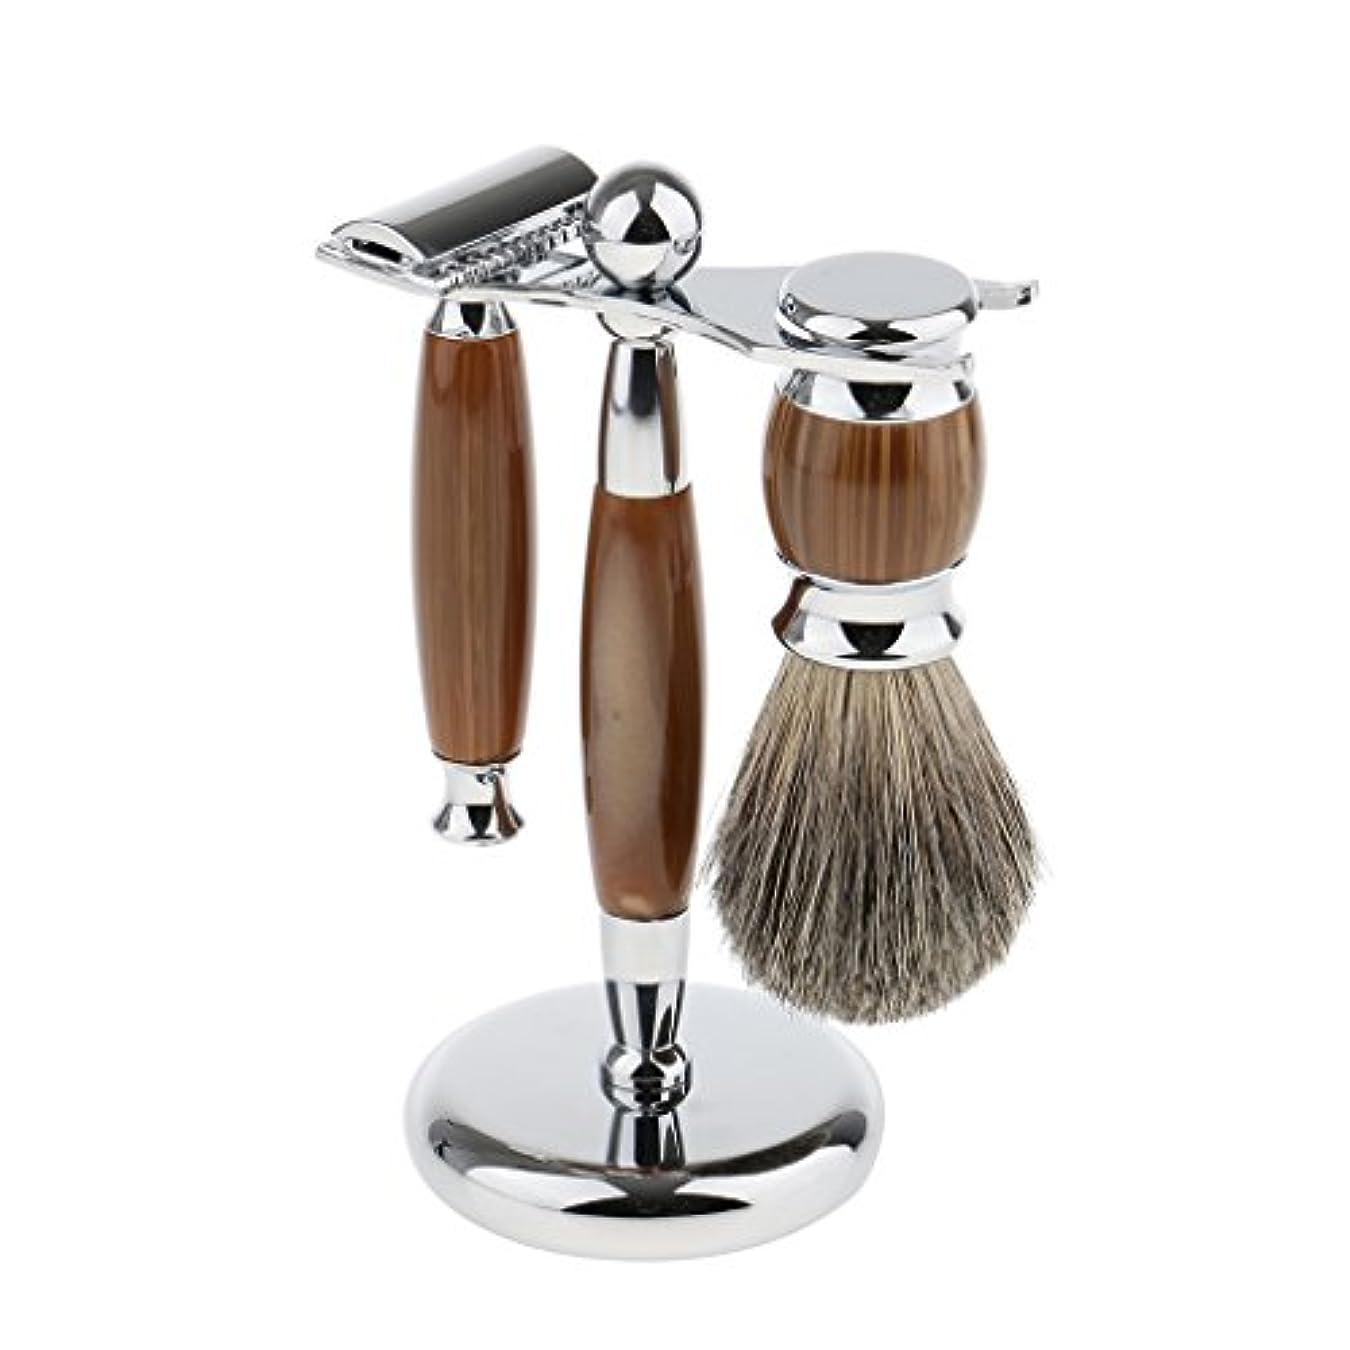 乱闘作詞家月Baoblaze 3点入り シェービング スタンド ブラシ マニュアル ダブルエッジ 髭剃り メイク レトロ プレゼント 3色選べ - タイプ3